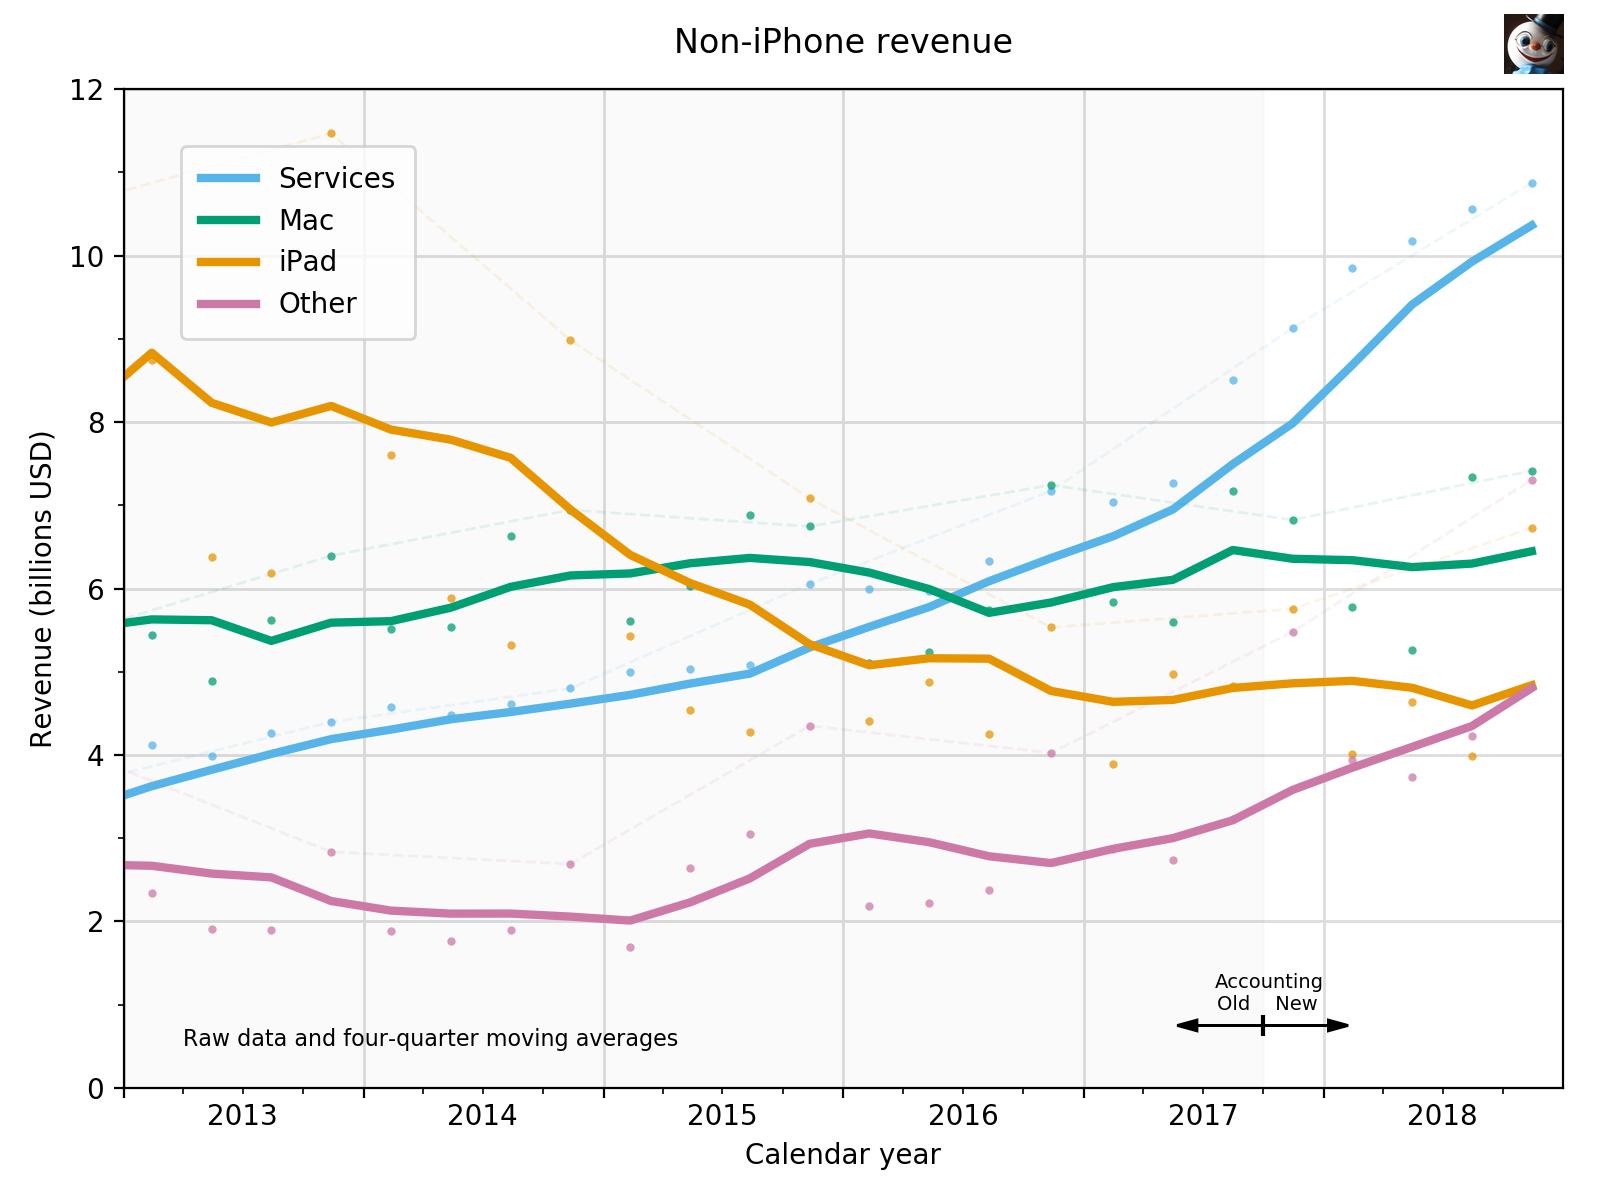 Non-iPhone revenue mess